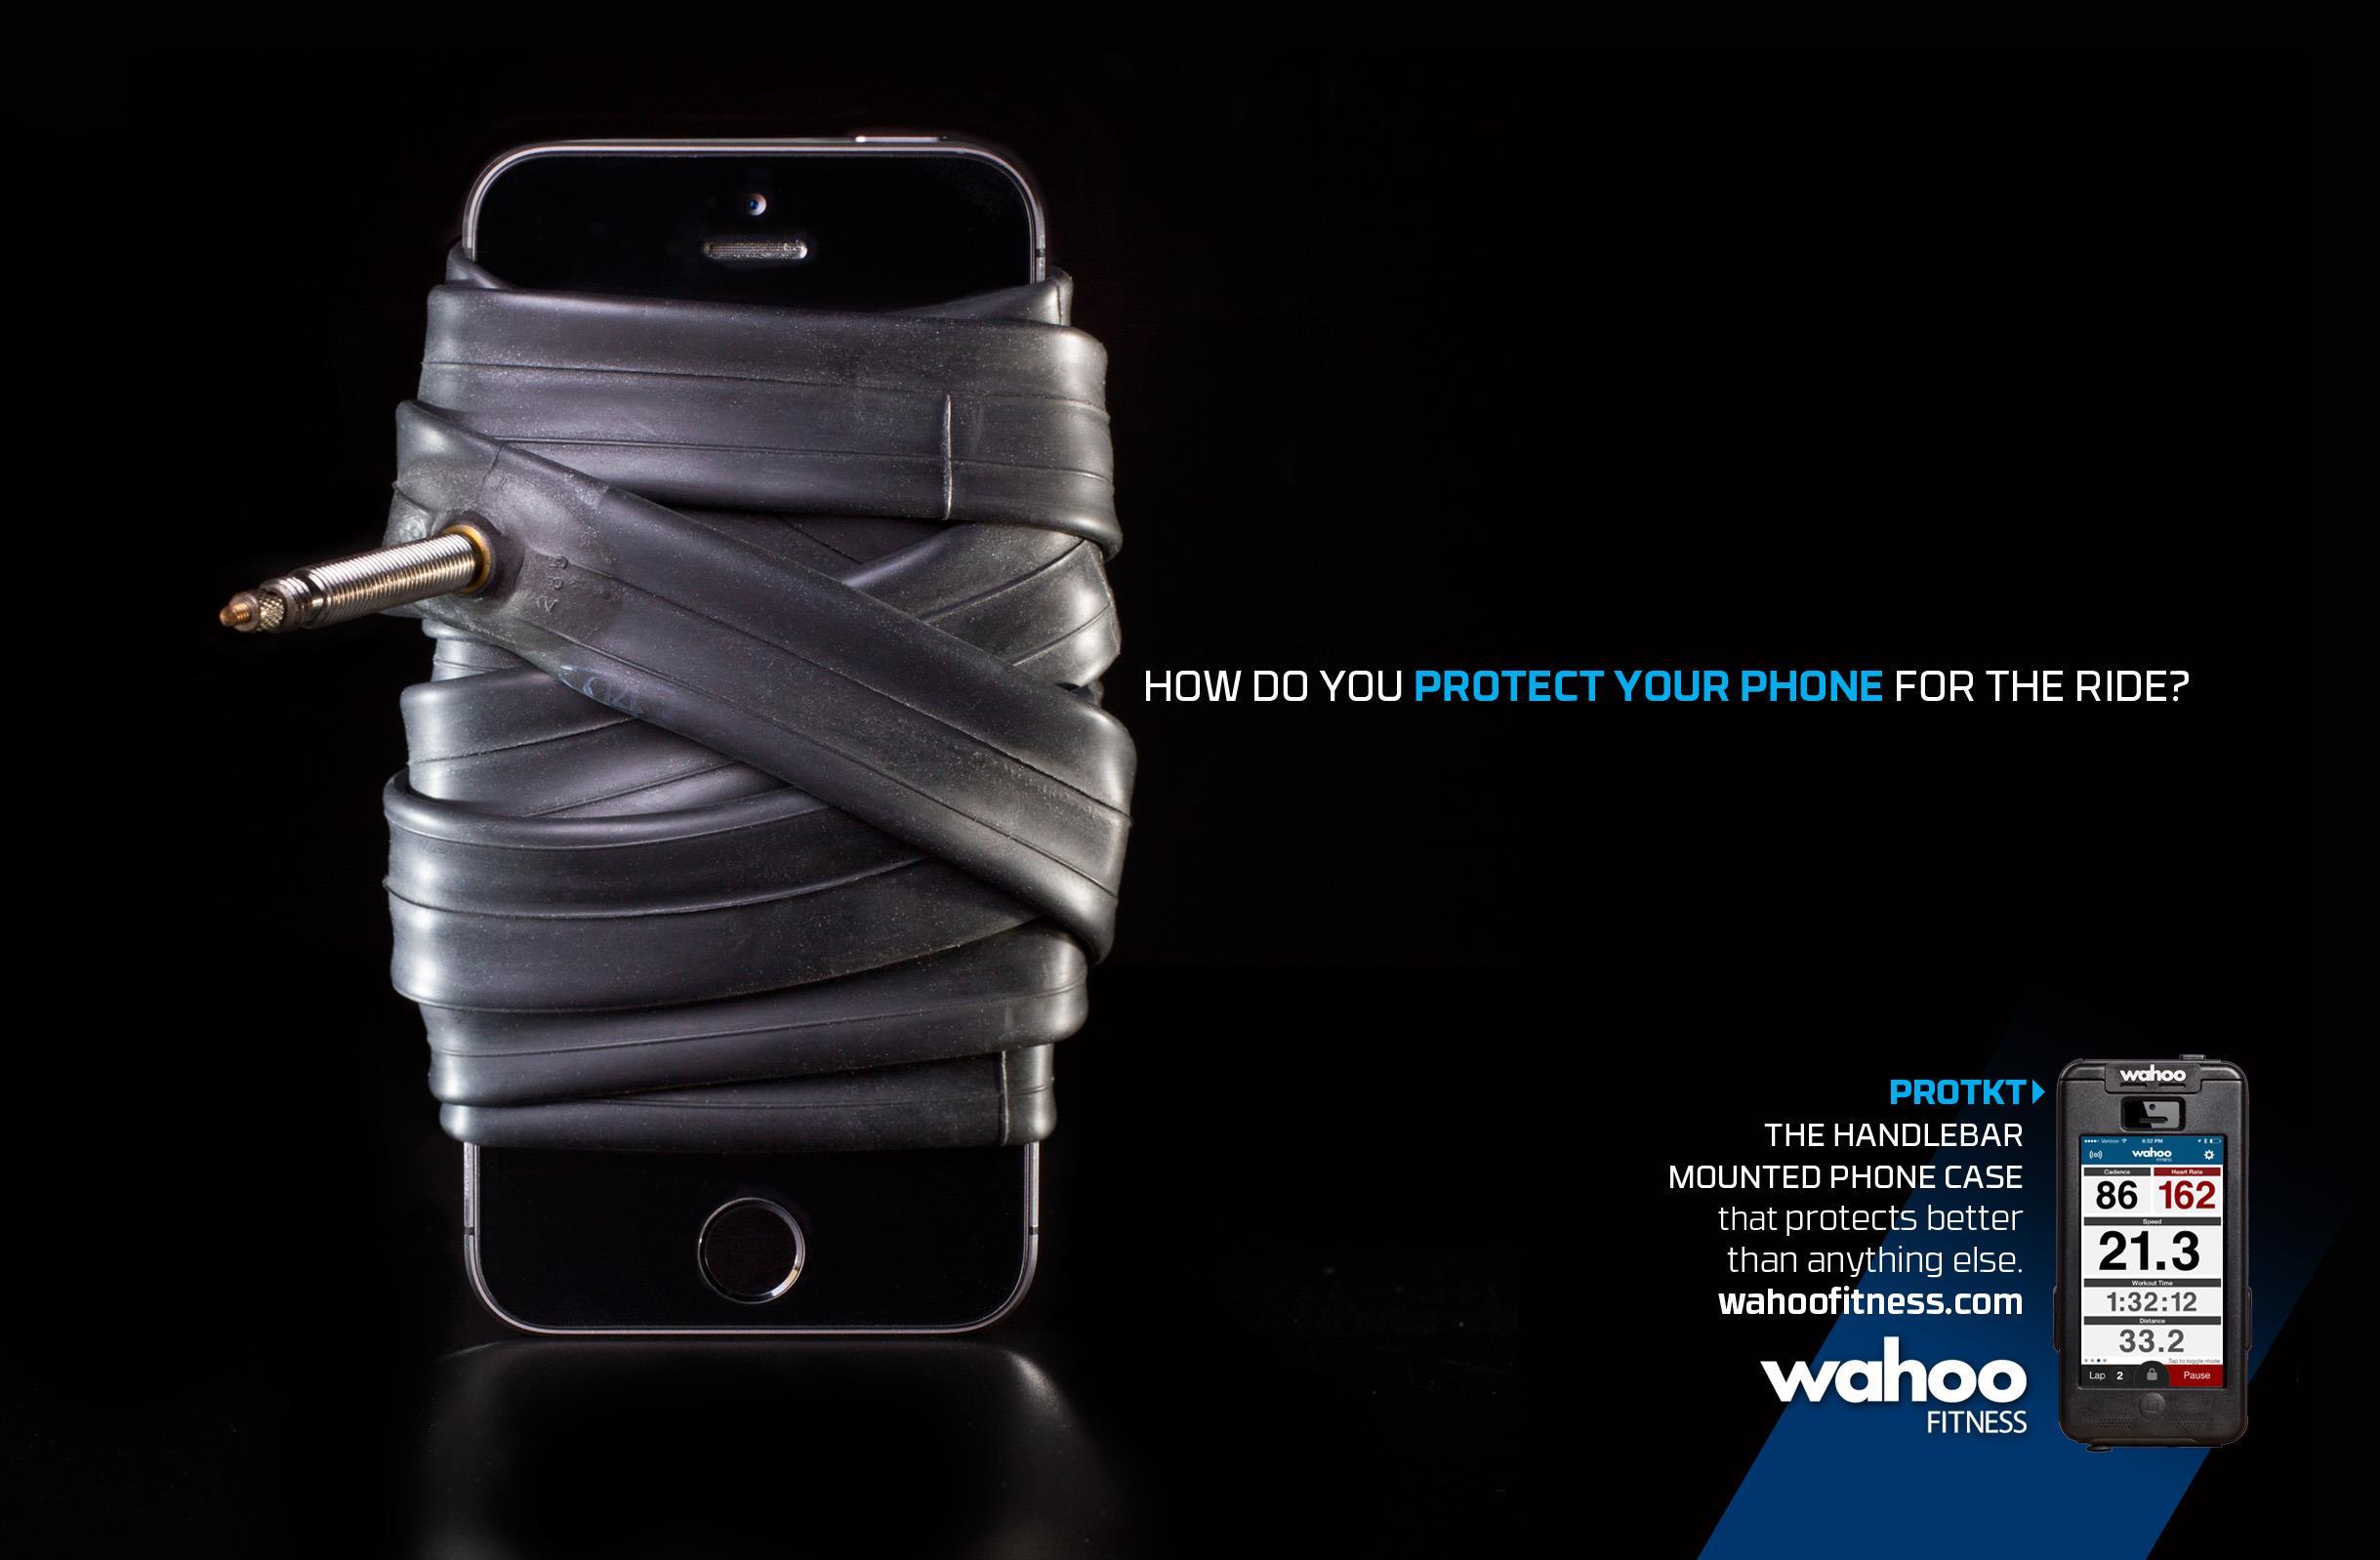 Wahoo Protkt